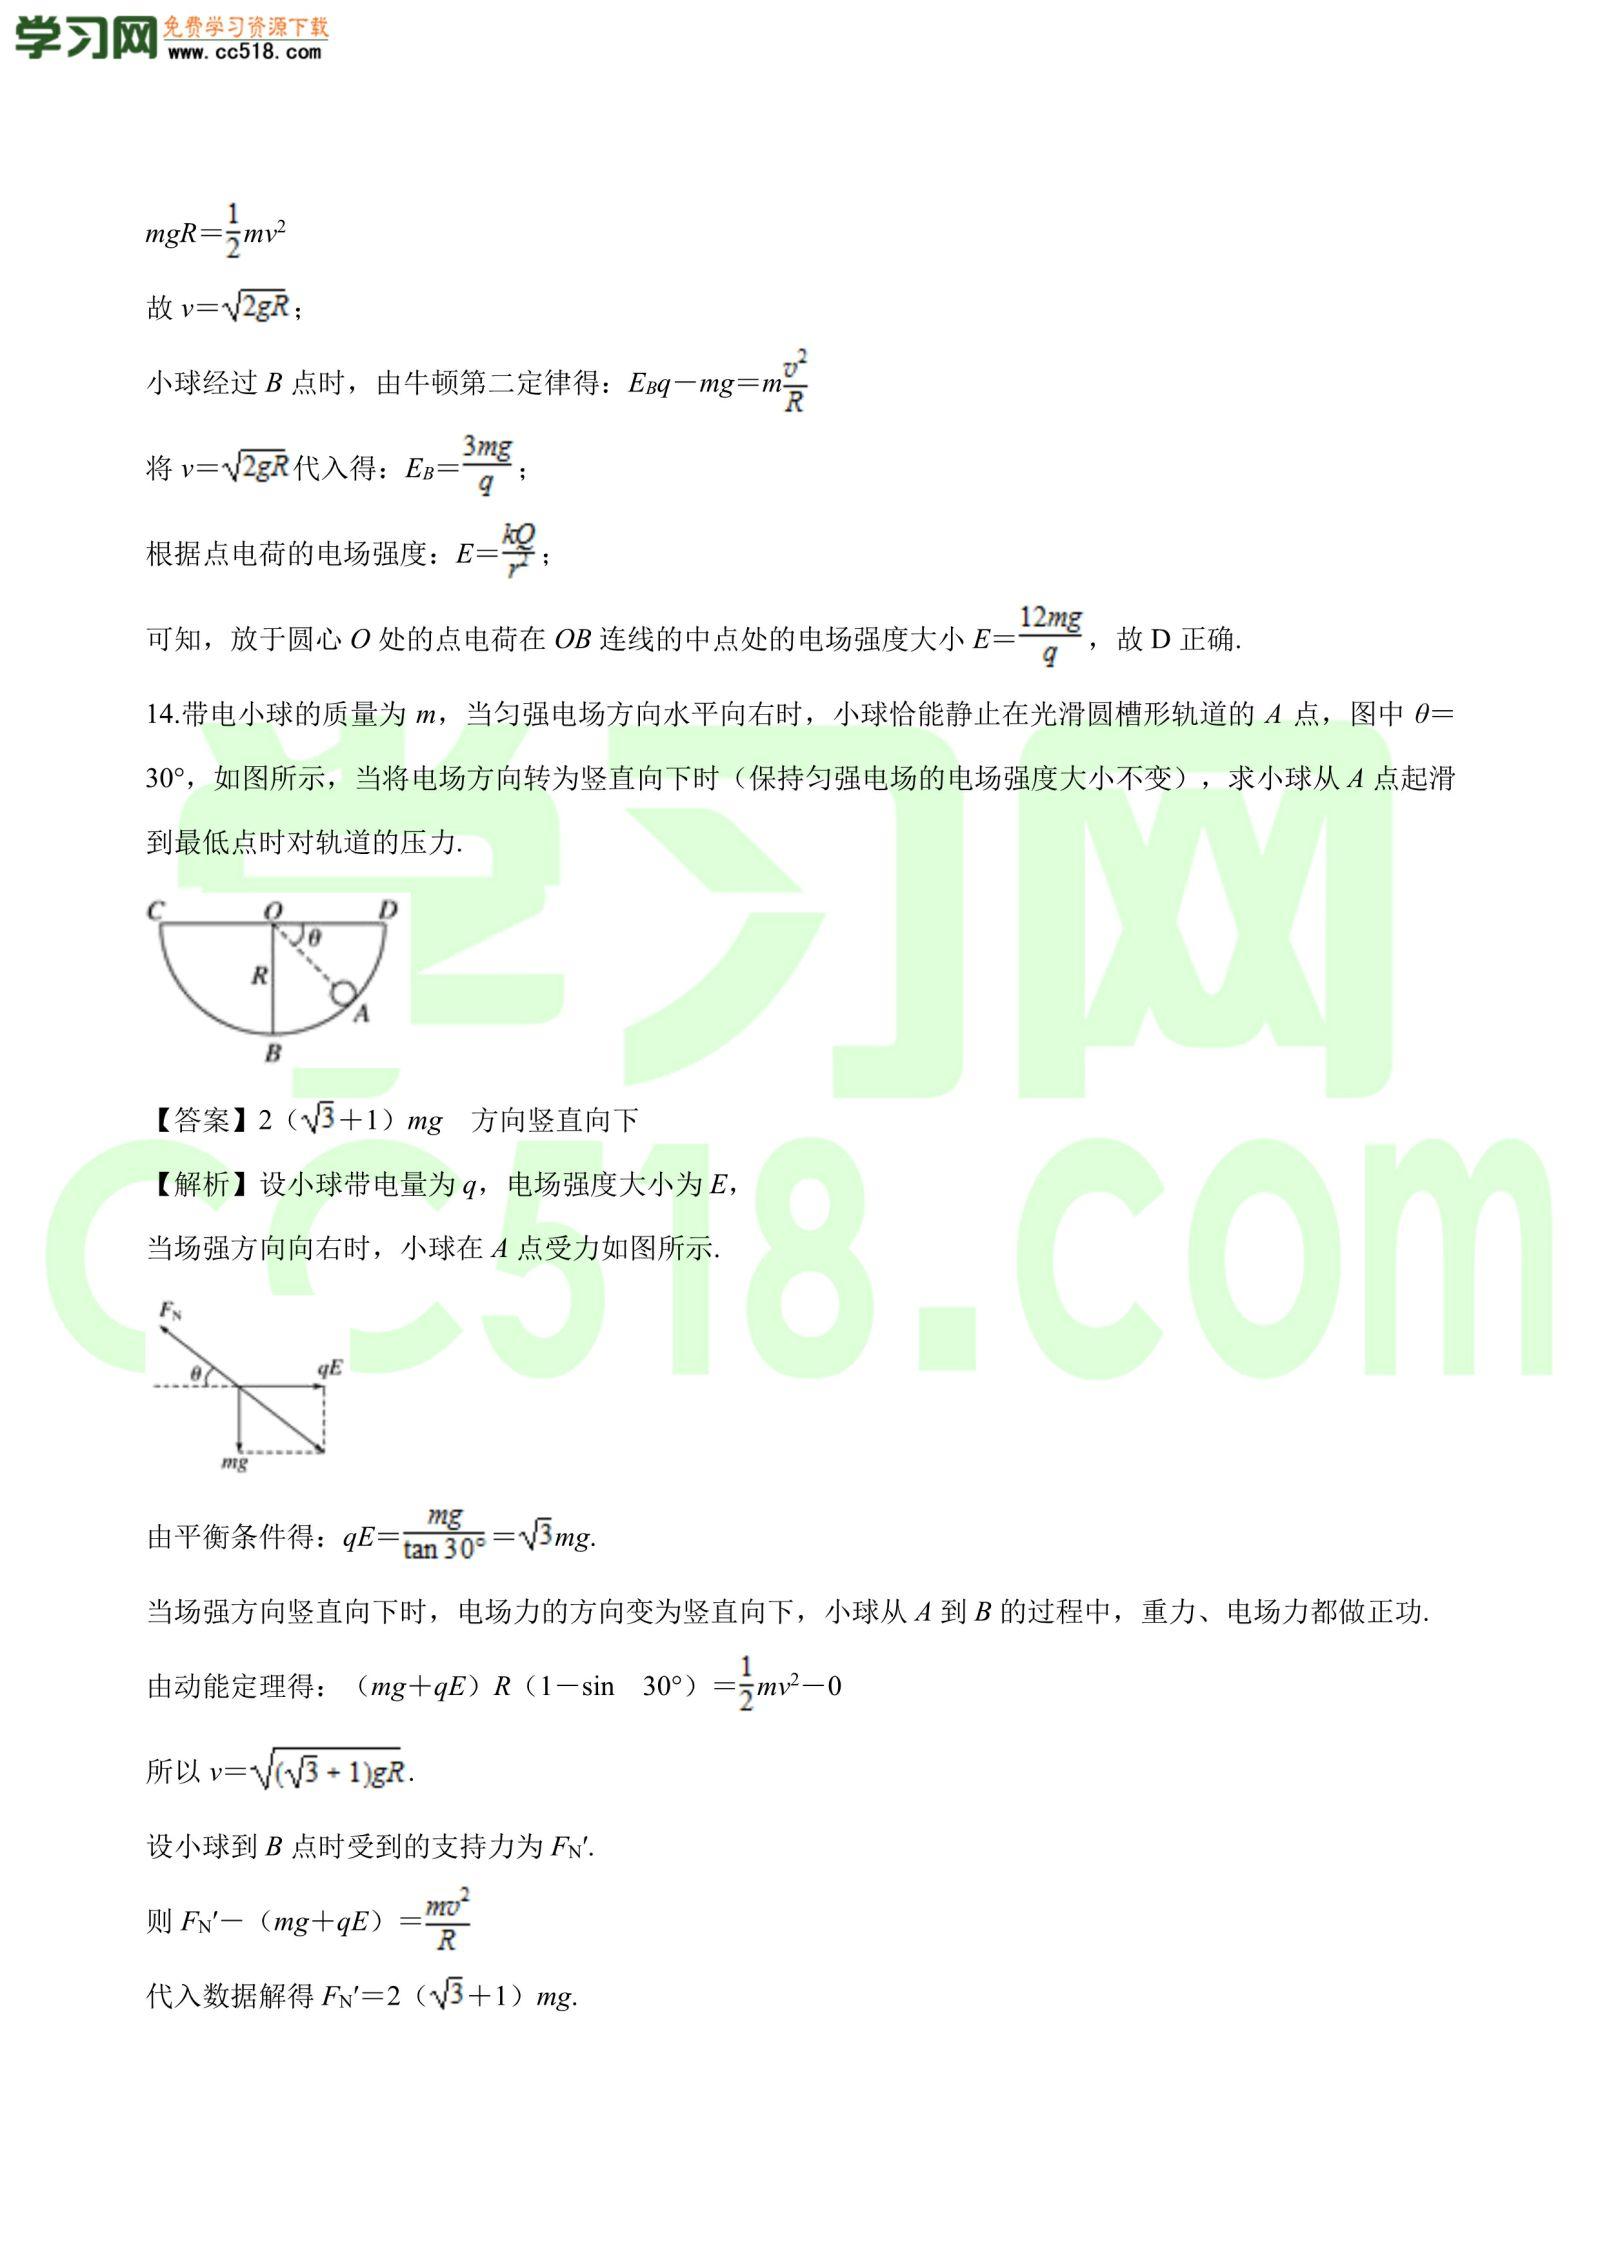 高二物理:电场综合问题(2)专题训练